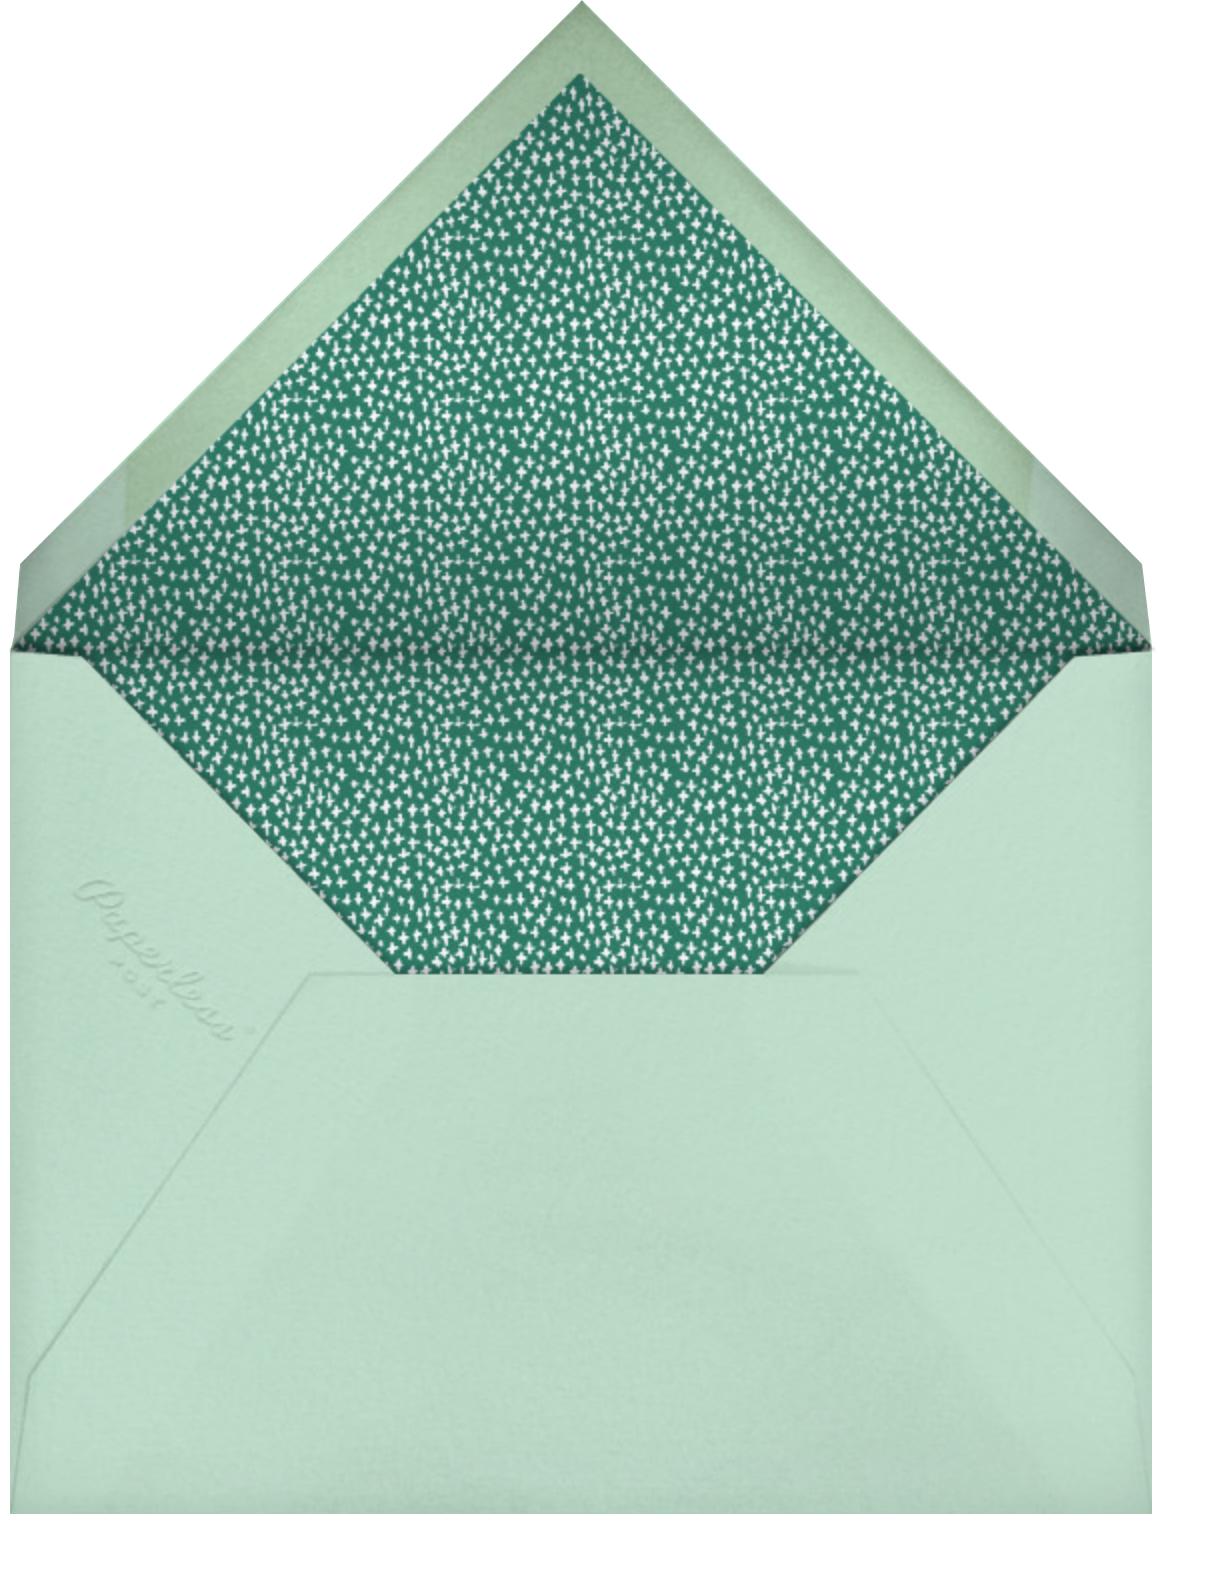 I'm Hedging My Bet - Mr. Boddington's Studio - Baby shower - envelope back